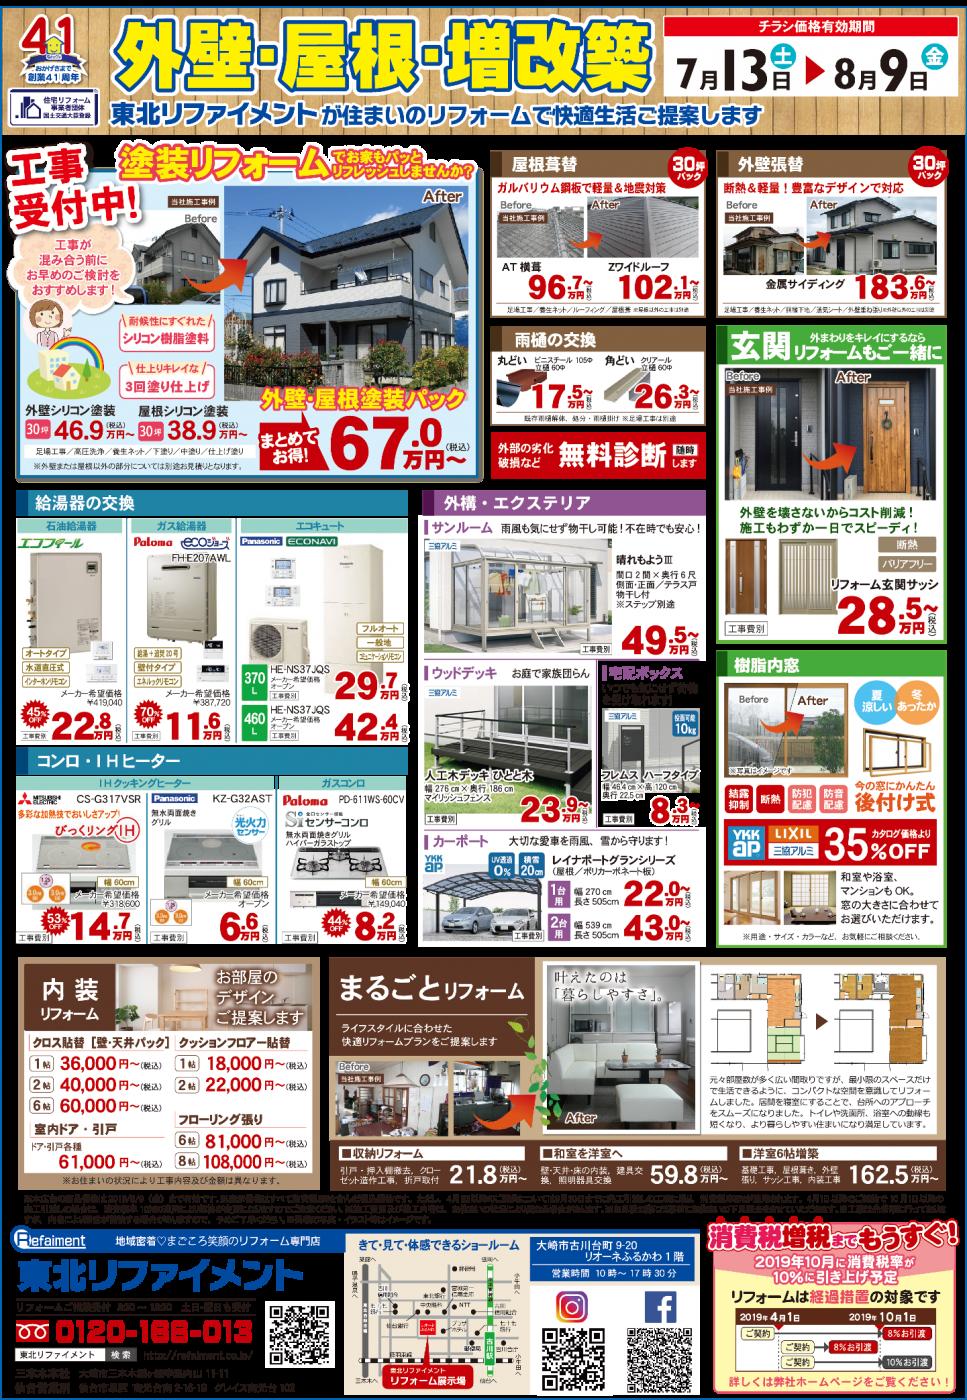 広告(2019_07_13~) 夏リフォームフェア B4 OTL裏